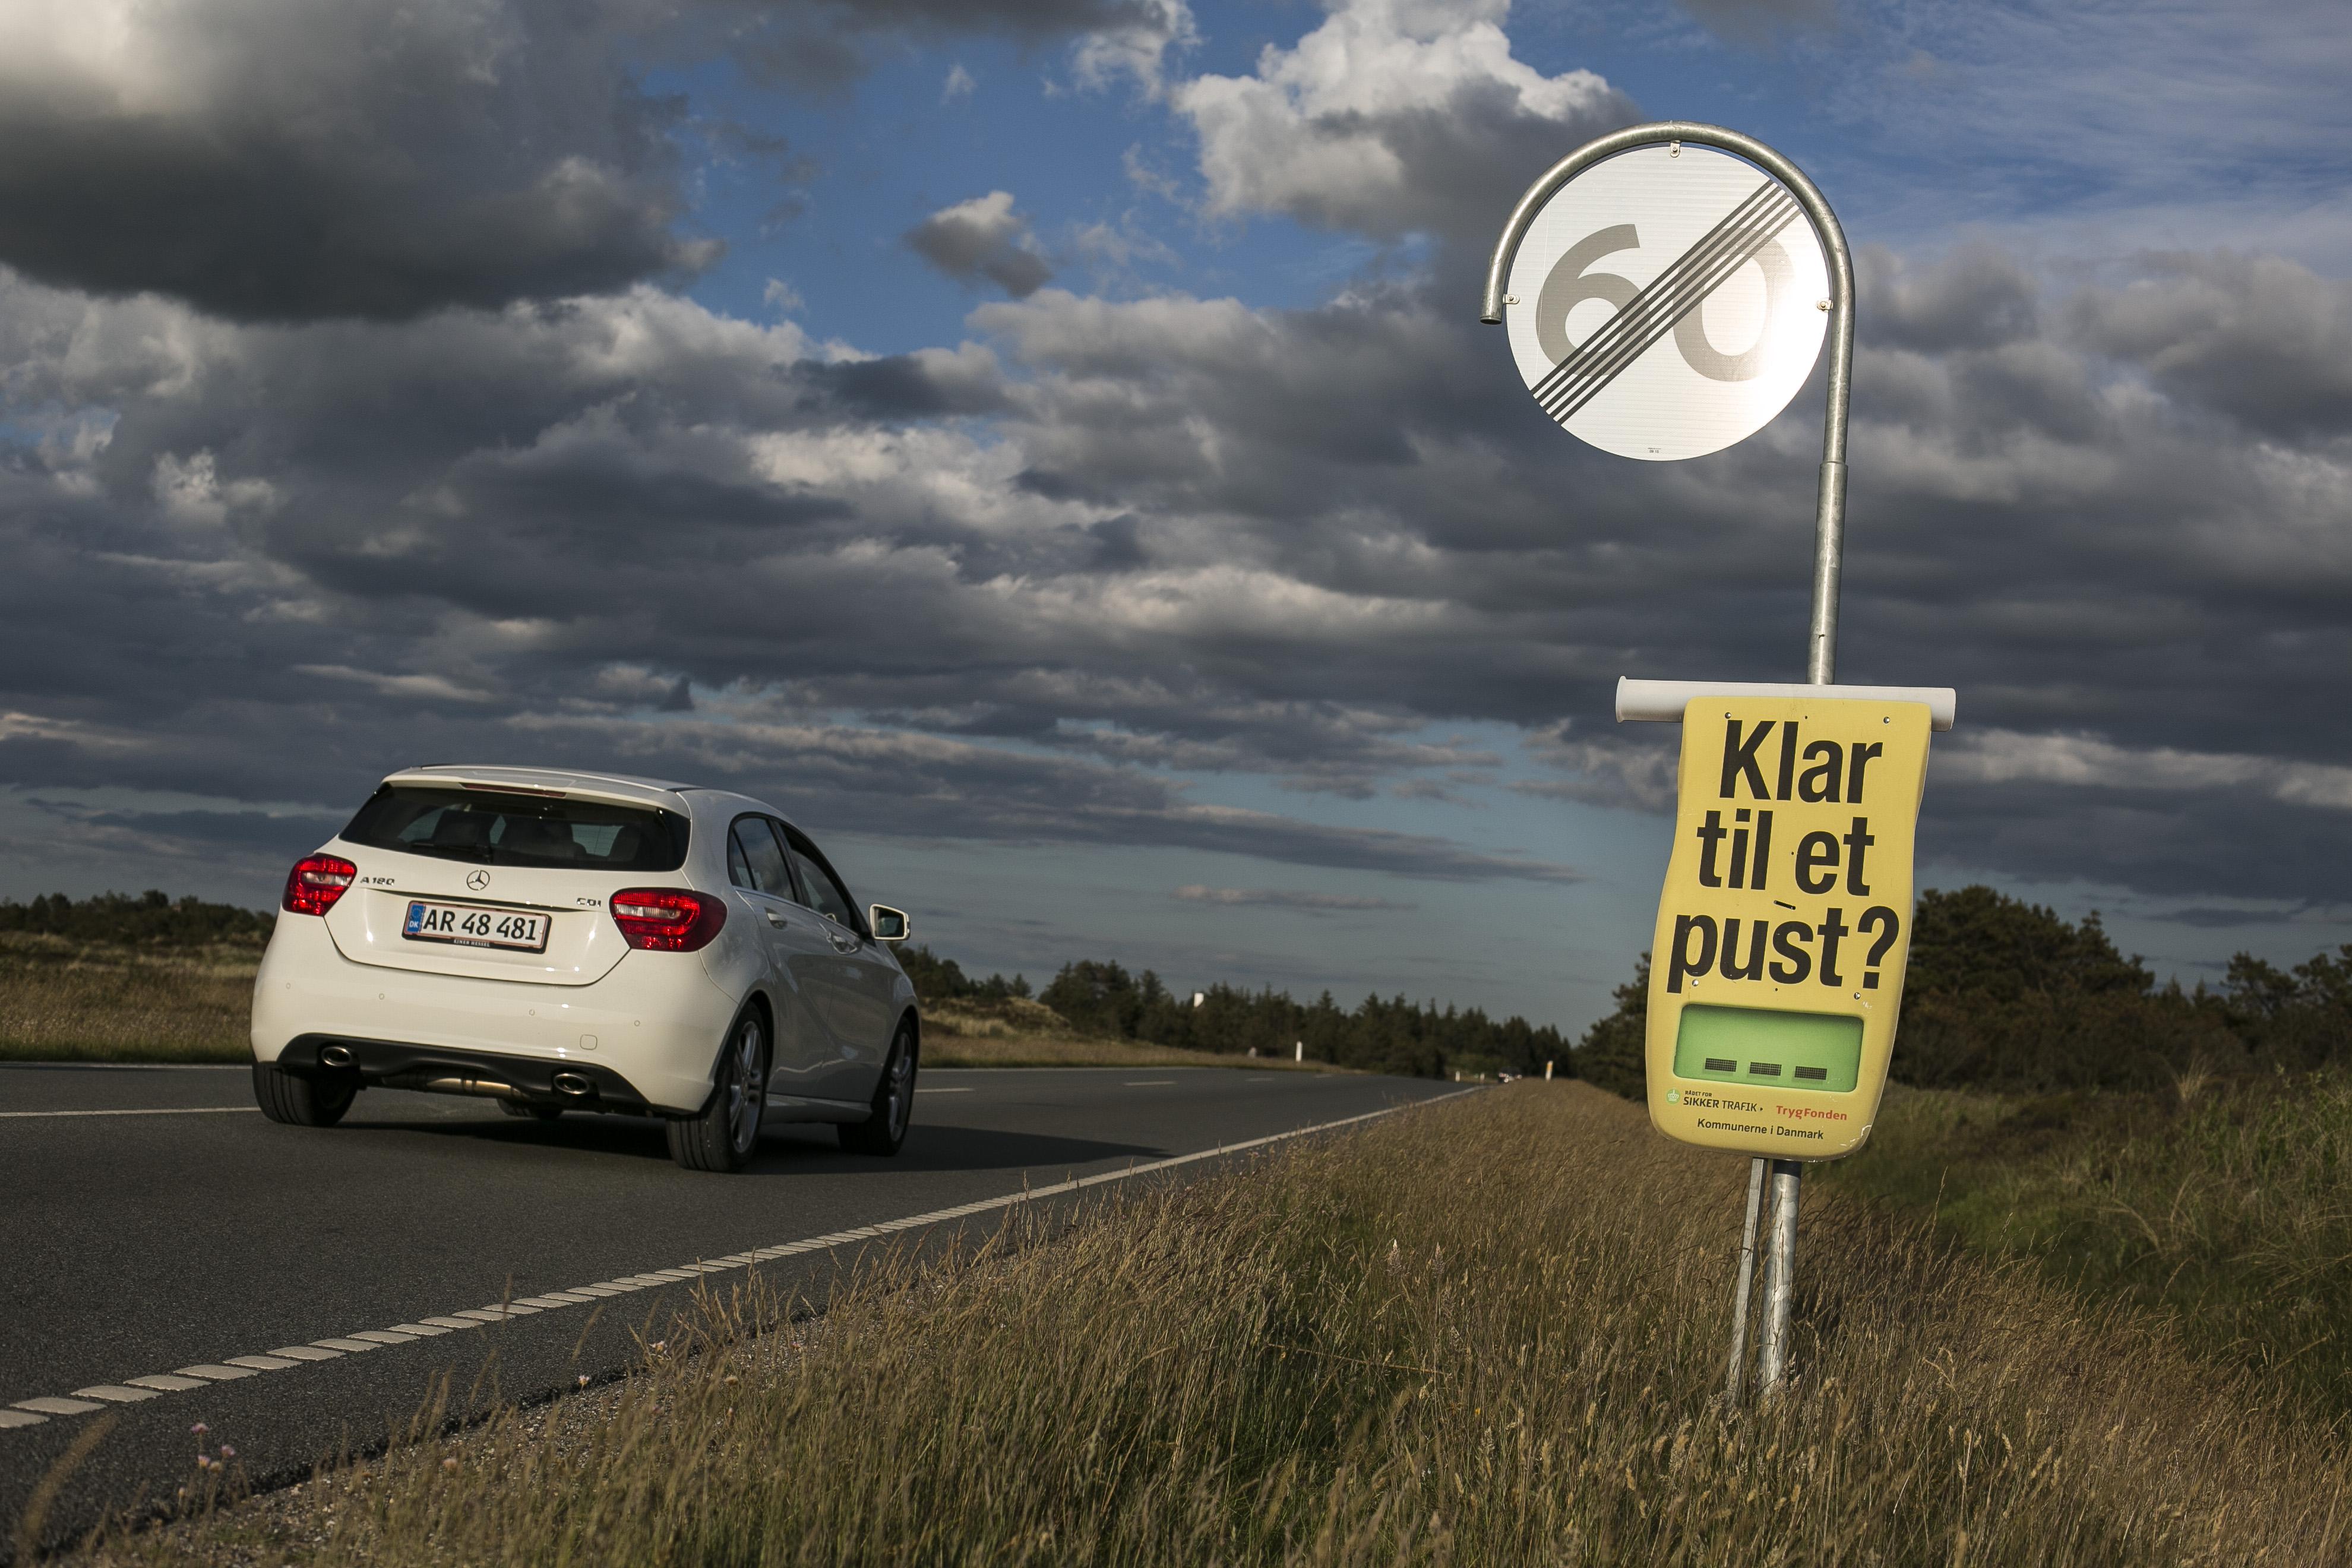 spritkampagne-plakat-og-bil.jpg